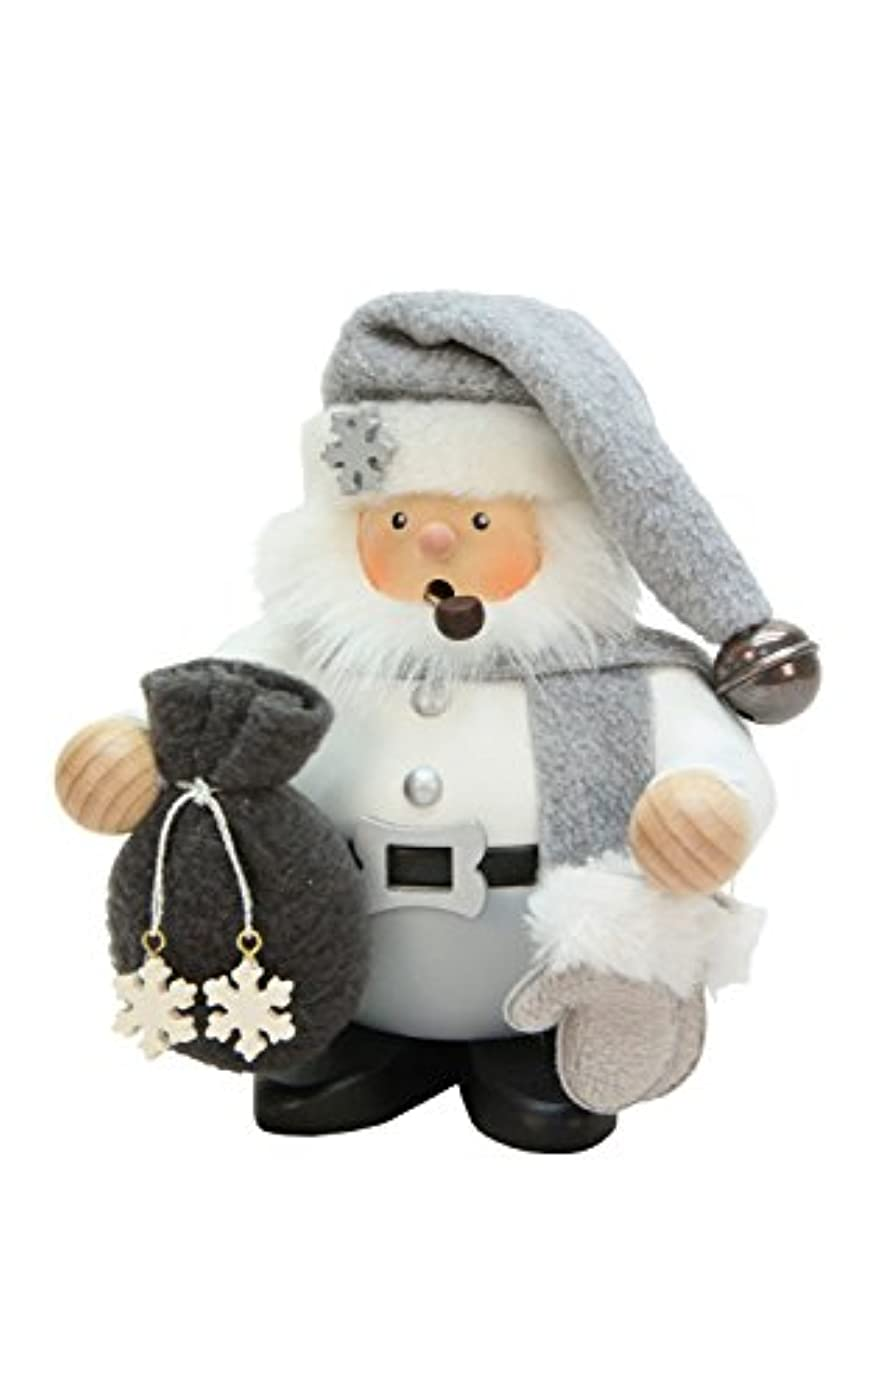 ゴールお母さん操るAlexander Taron 1-472 Christian Ulbricht Incense Burner - Santa Claus with Grey & White Outfit